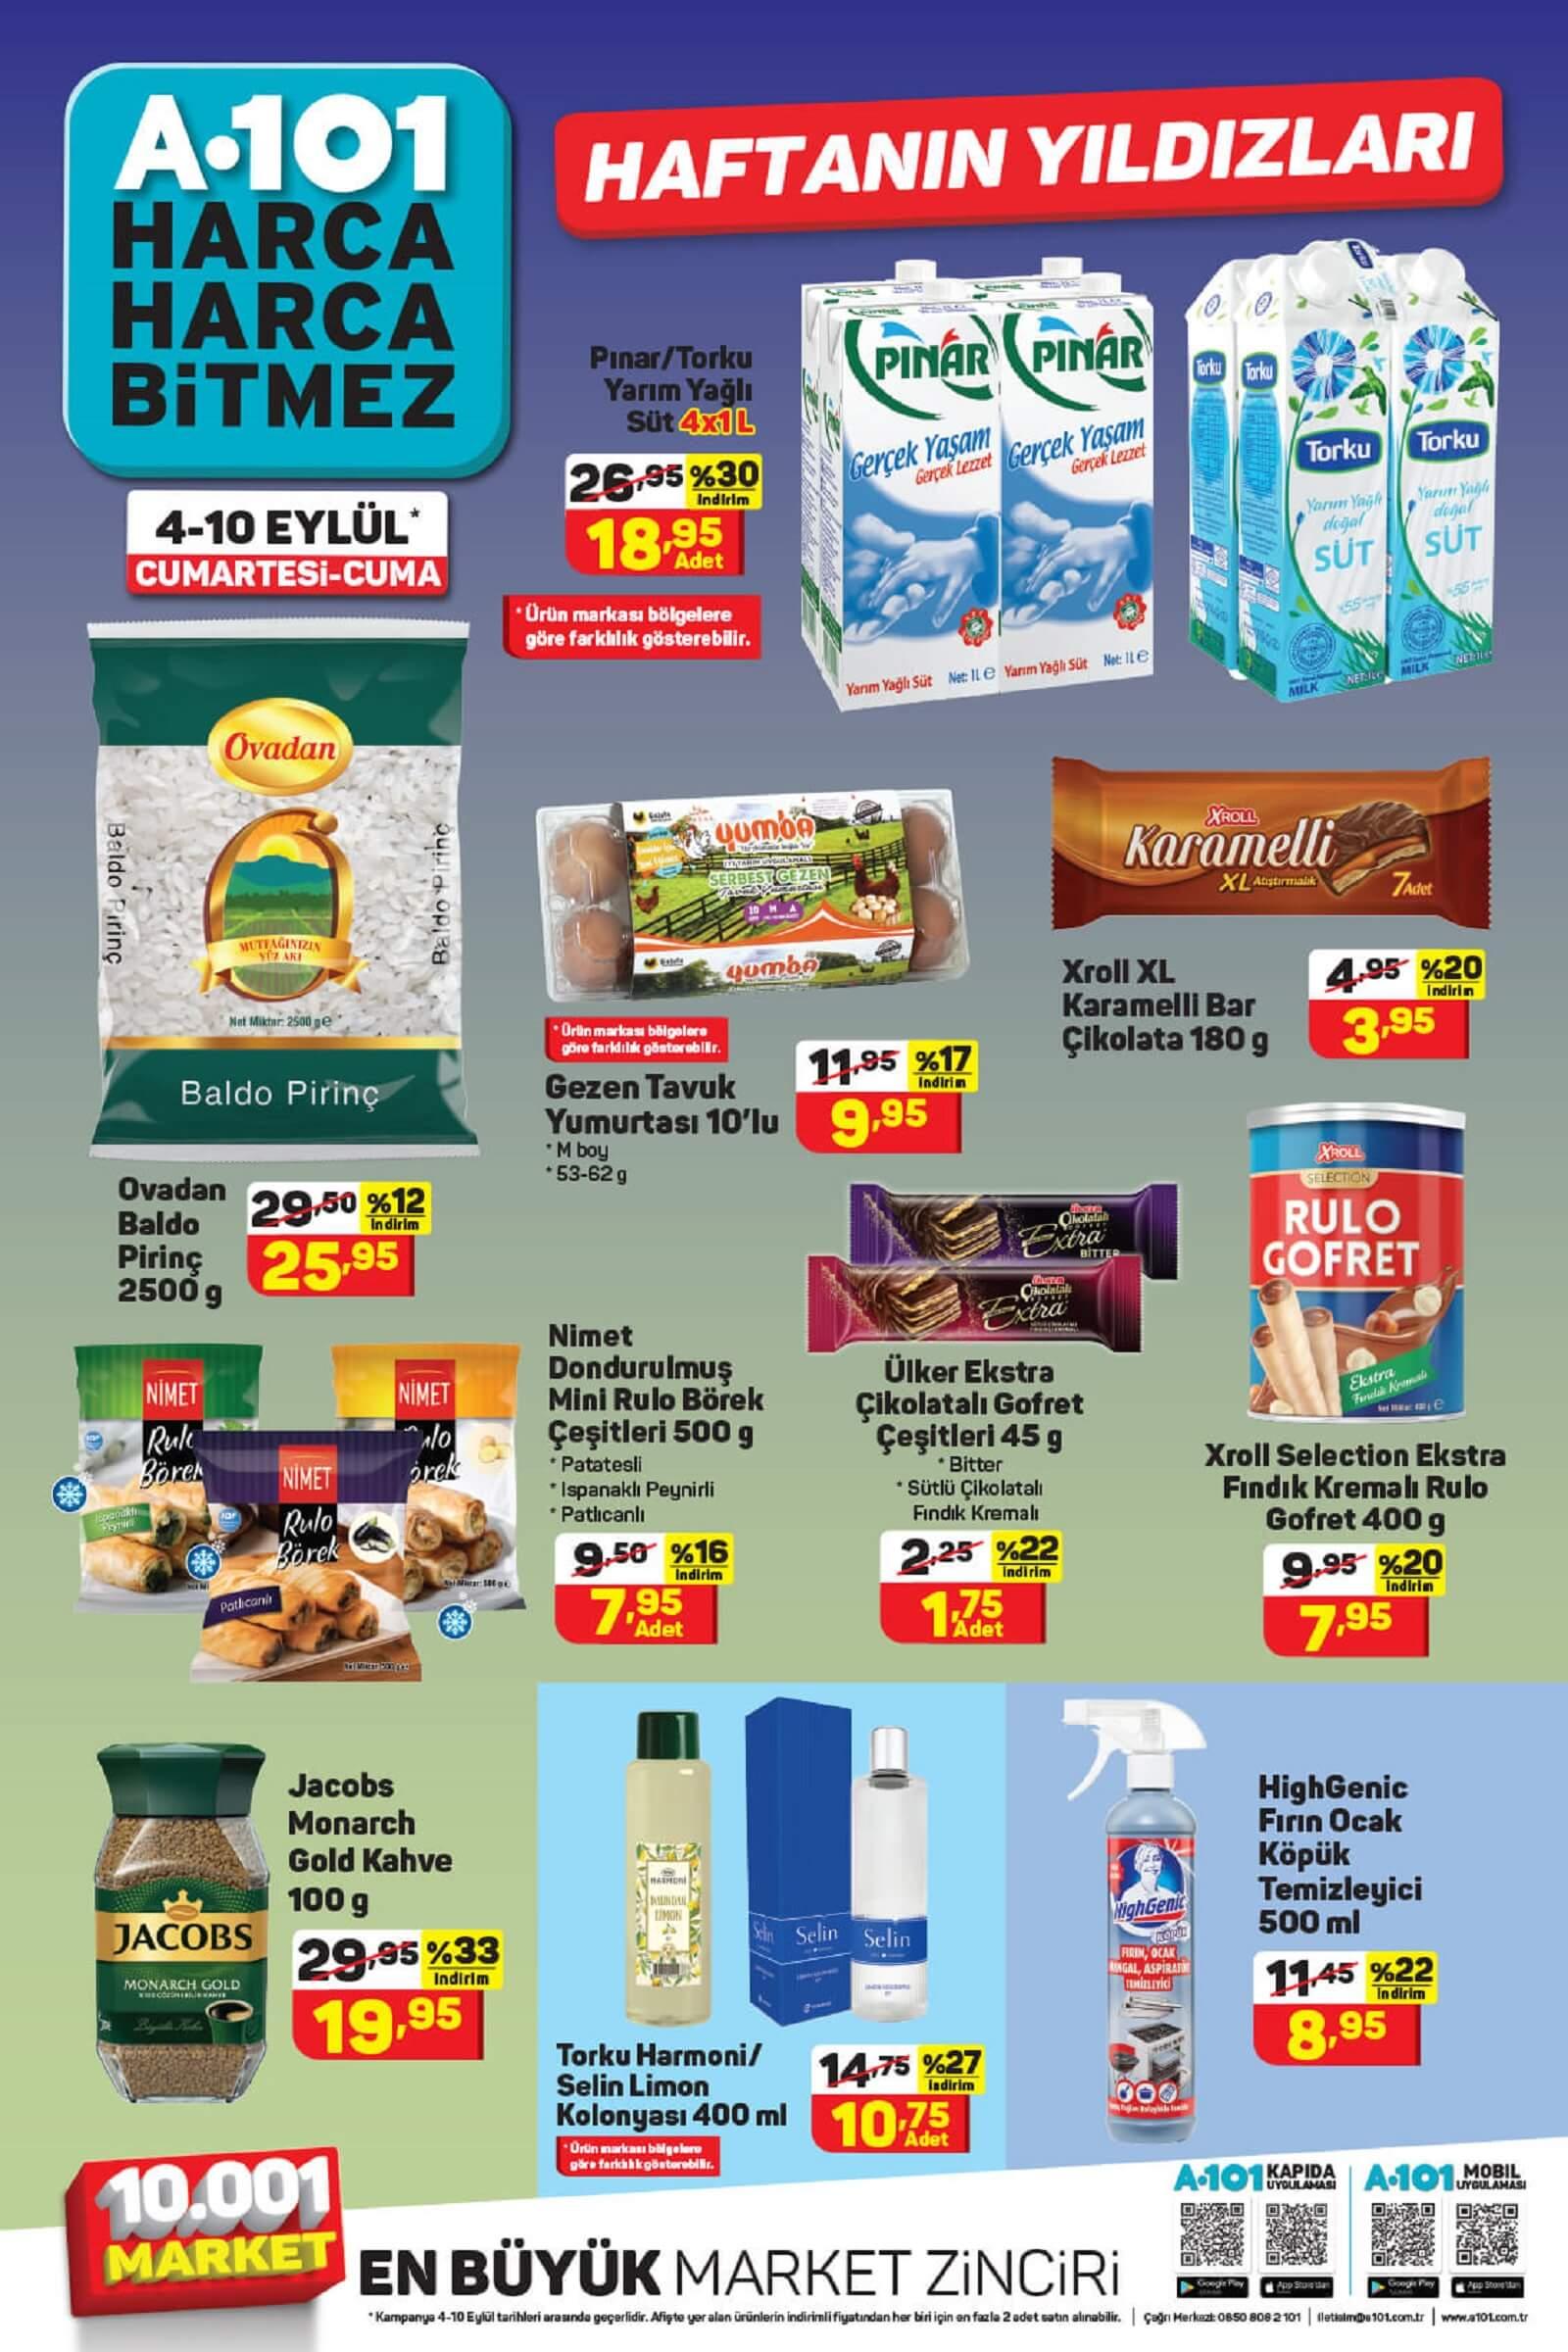 A101 10 Eylüle kadar geçerli aktüel kataloğunda ürünlerde devasa indirimler var